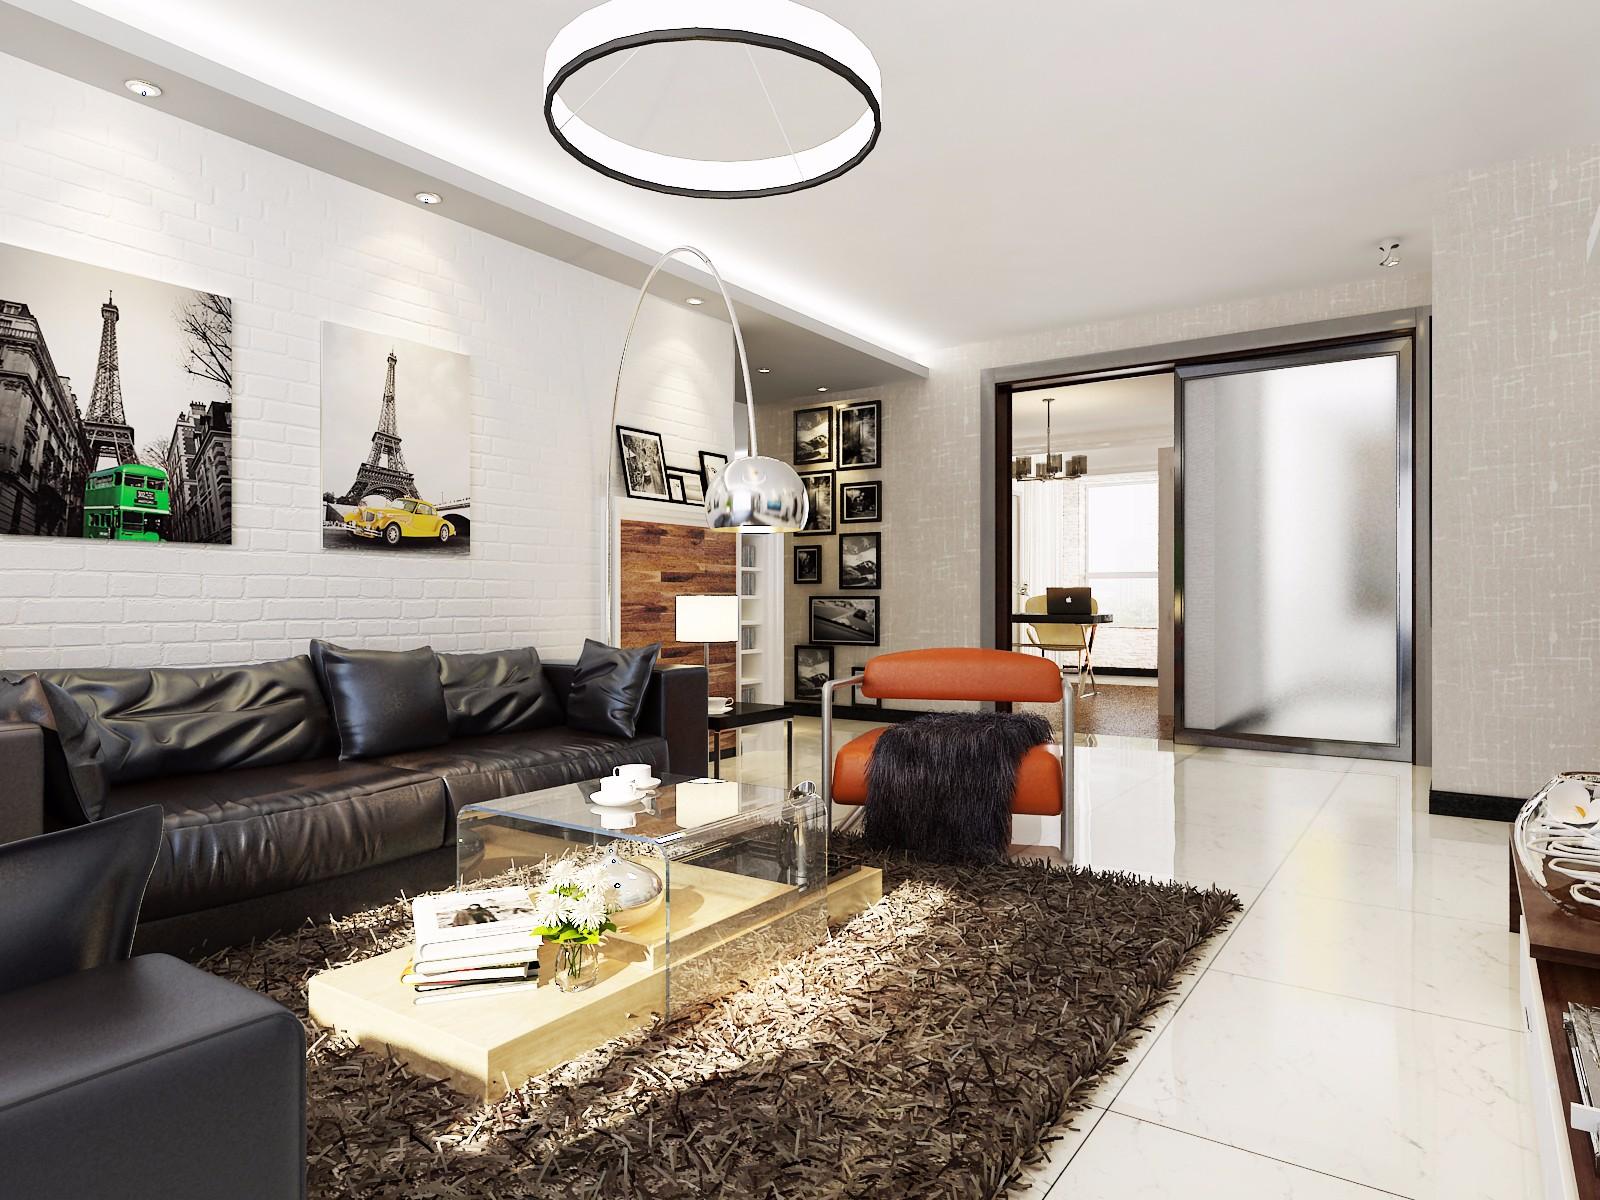 4室2卫1厅120平米欧式风格